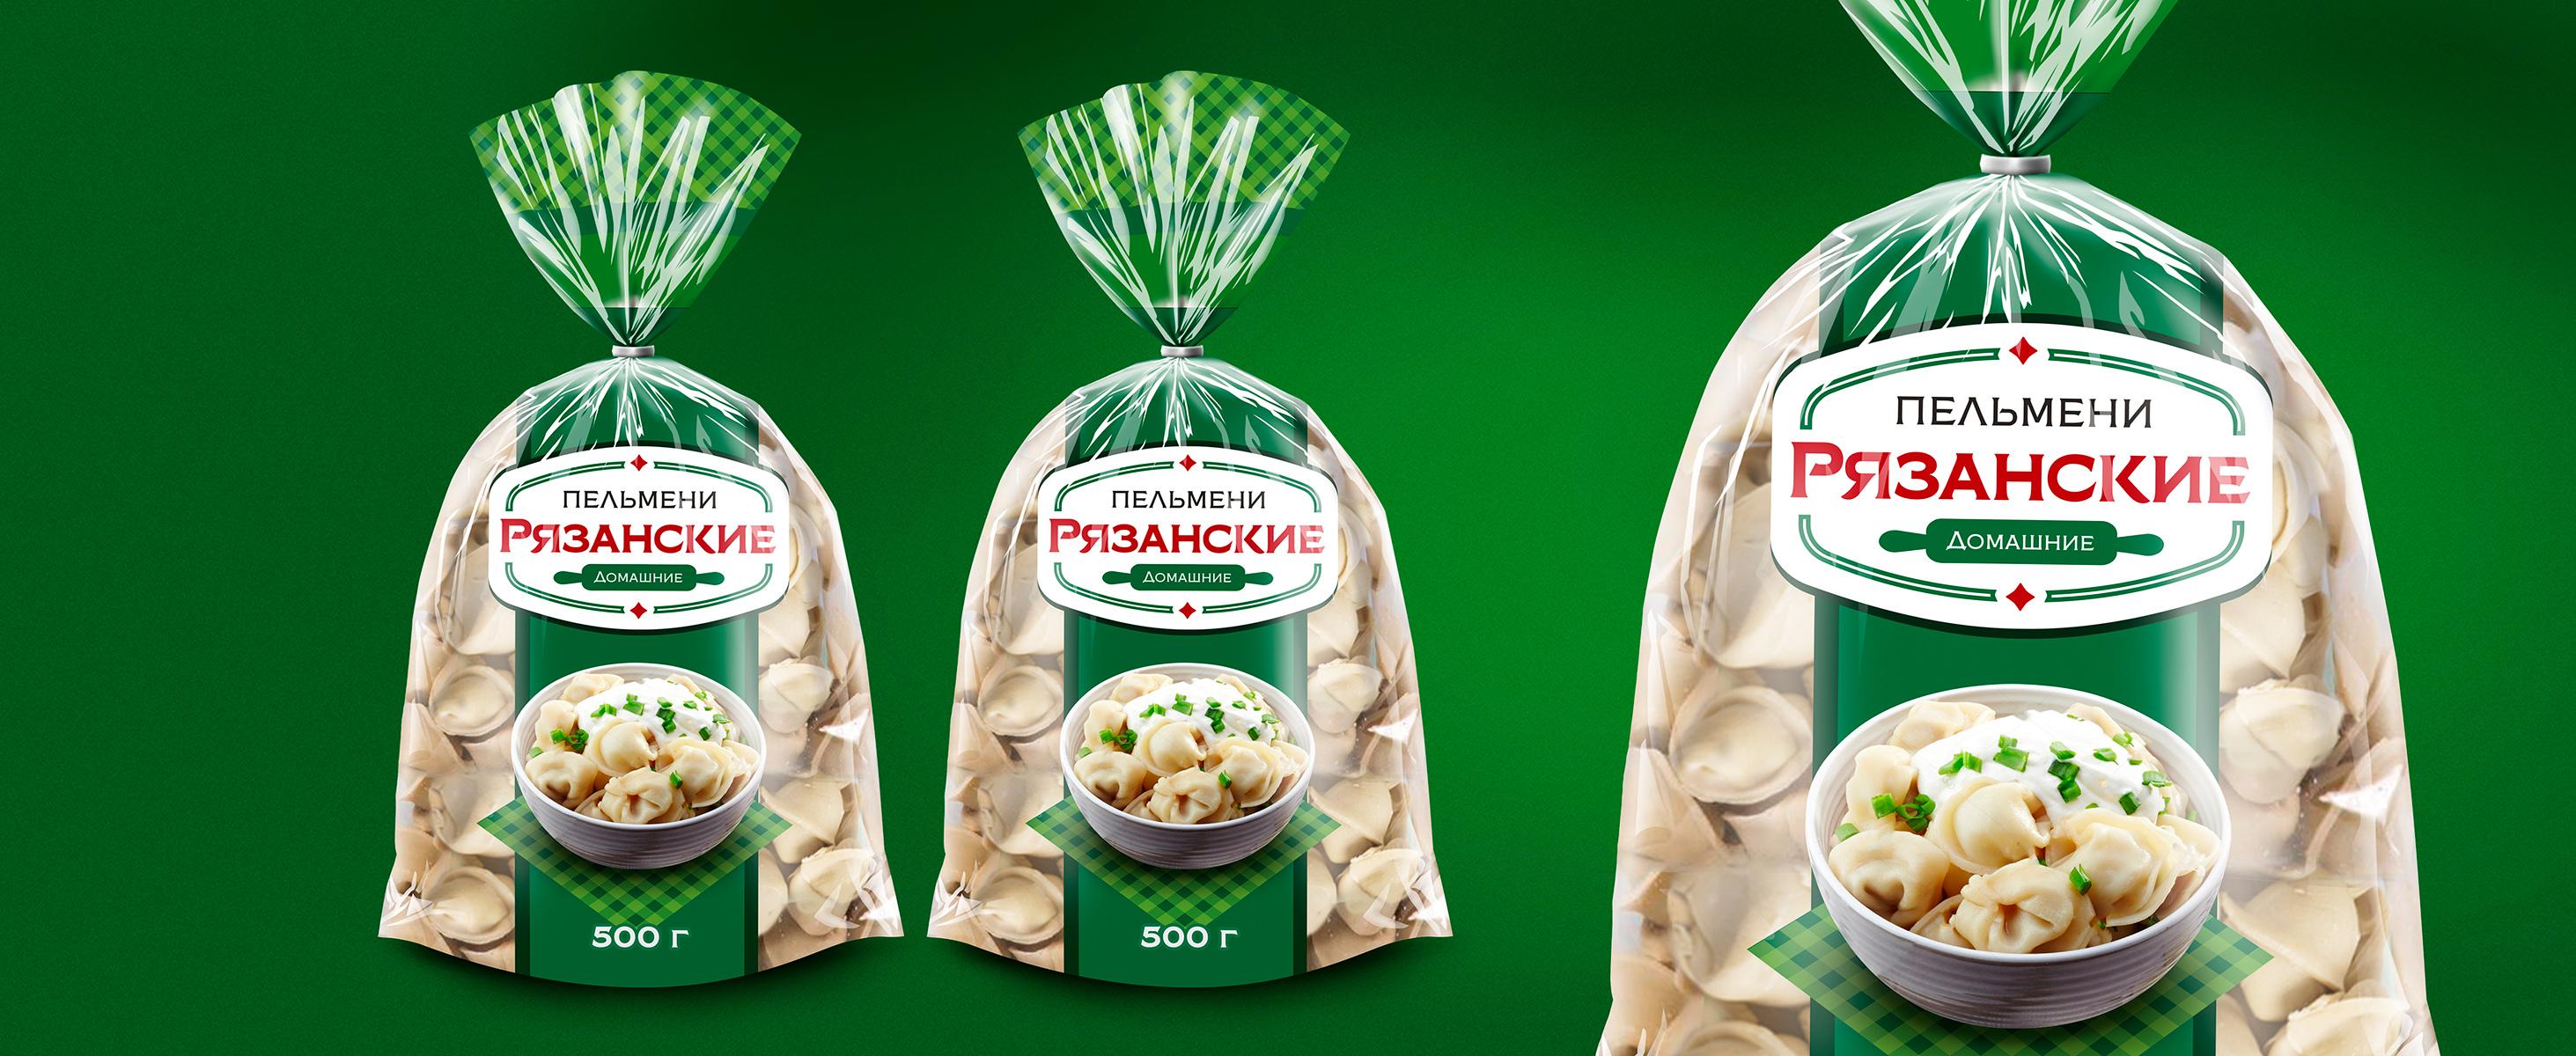 Ребрендинг дизайна упаковки для пельменей фото f_9565a624d34c0a1a.jpg